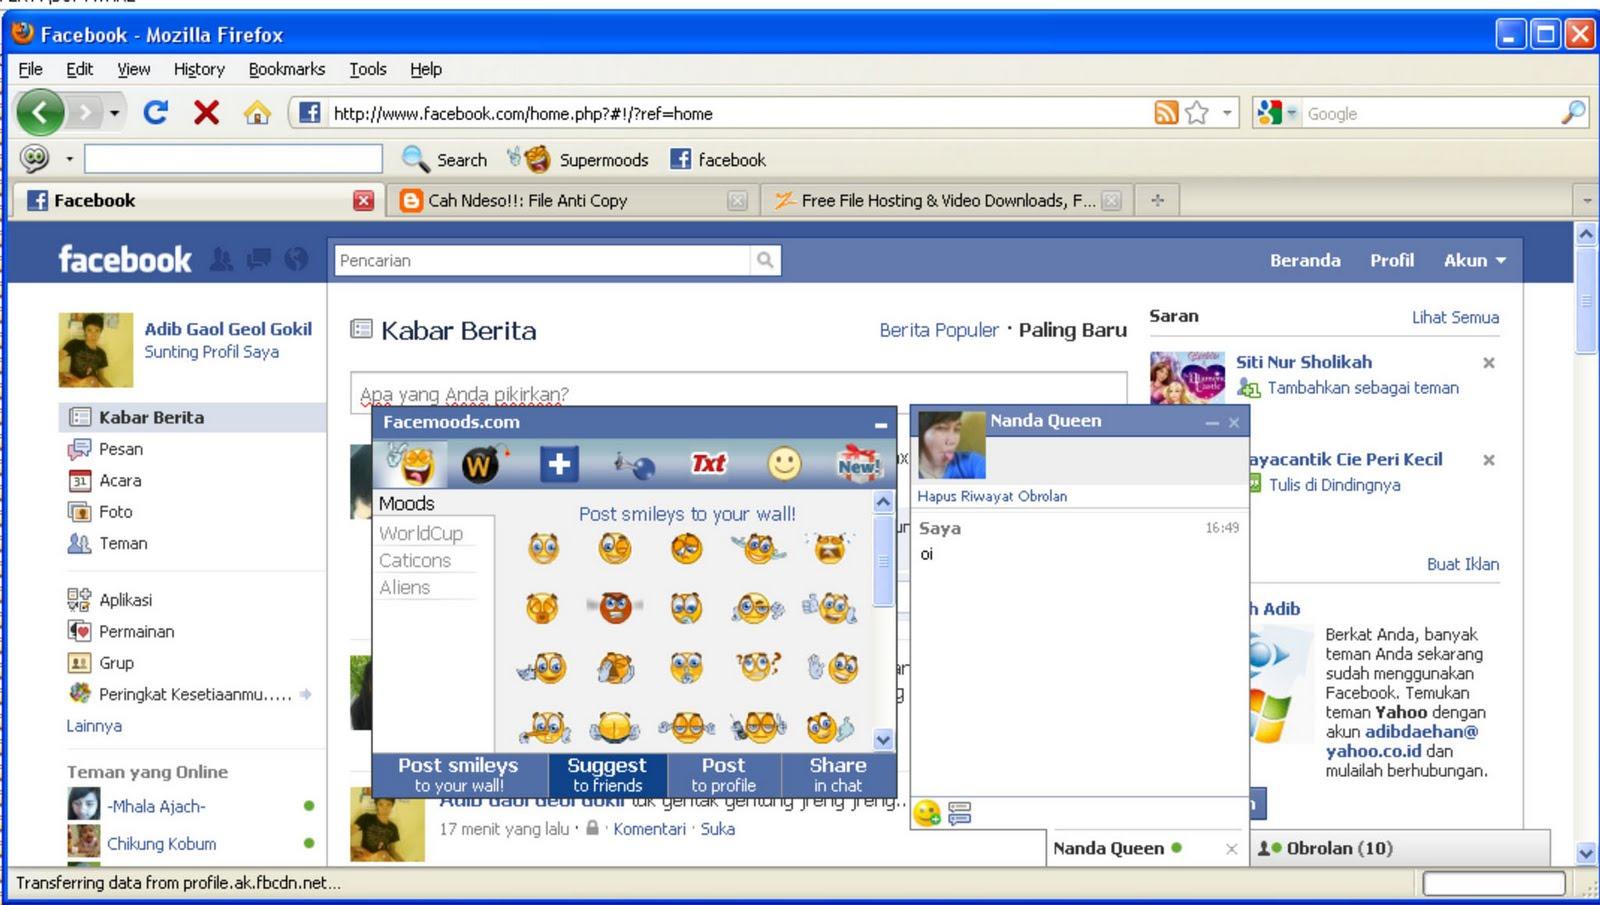 Tulisan+lucu+di+facebook